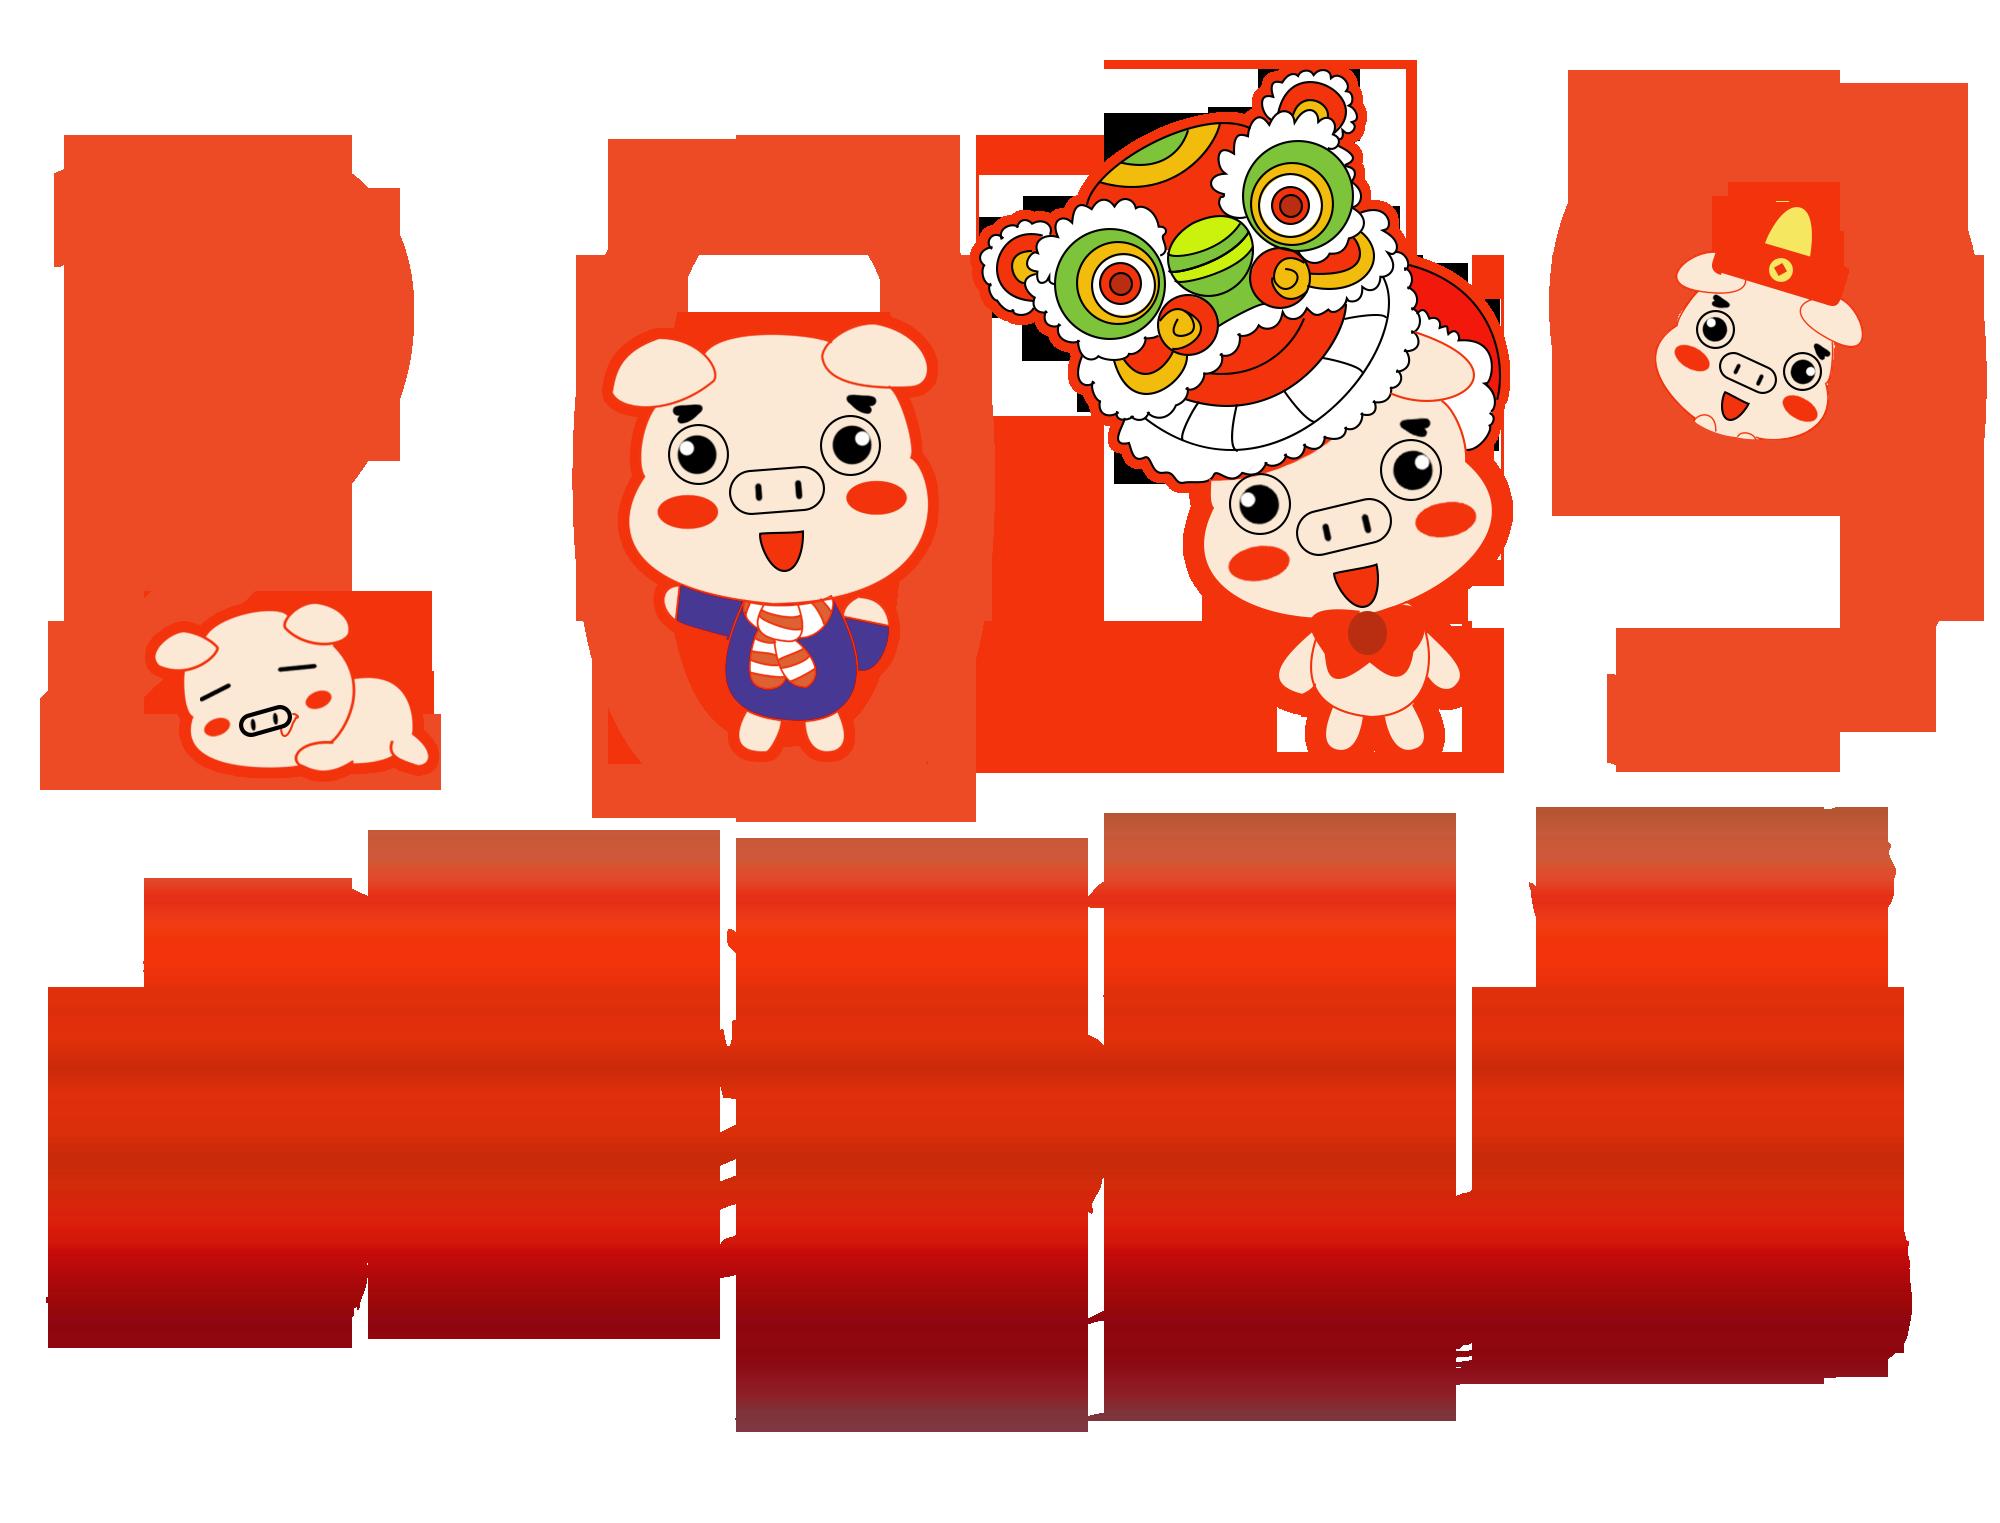 2020餐饮加盟展,2020加盟展,2020餐饮展,特许加盟展,连锁加盟展,上海加盟展,上海连锁展,上海餐饮展